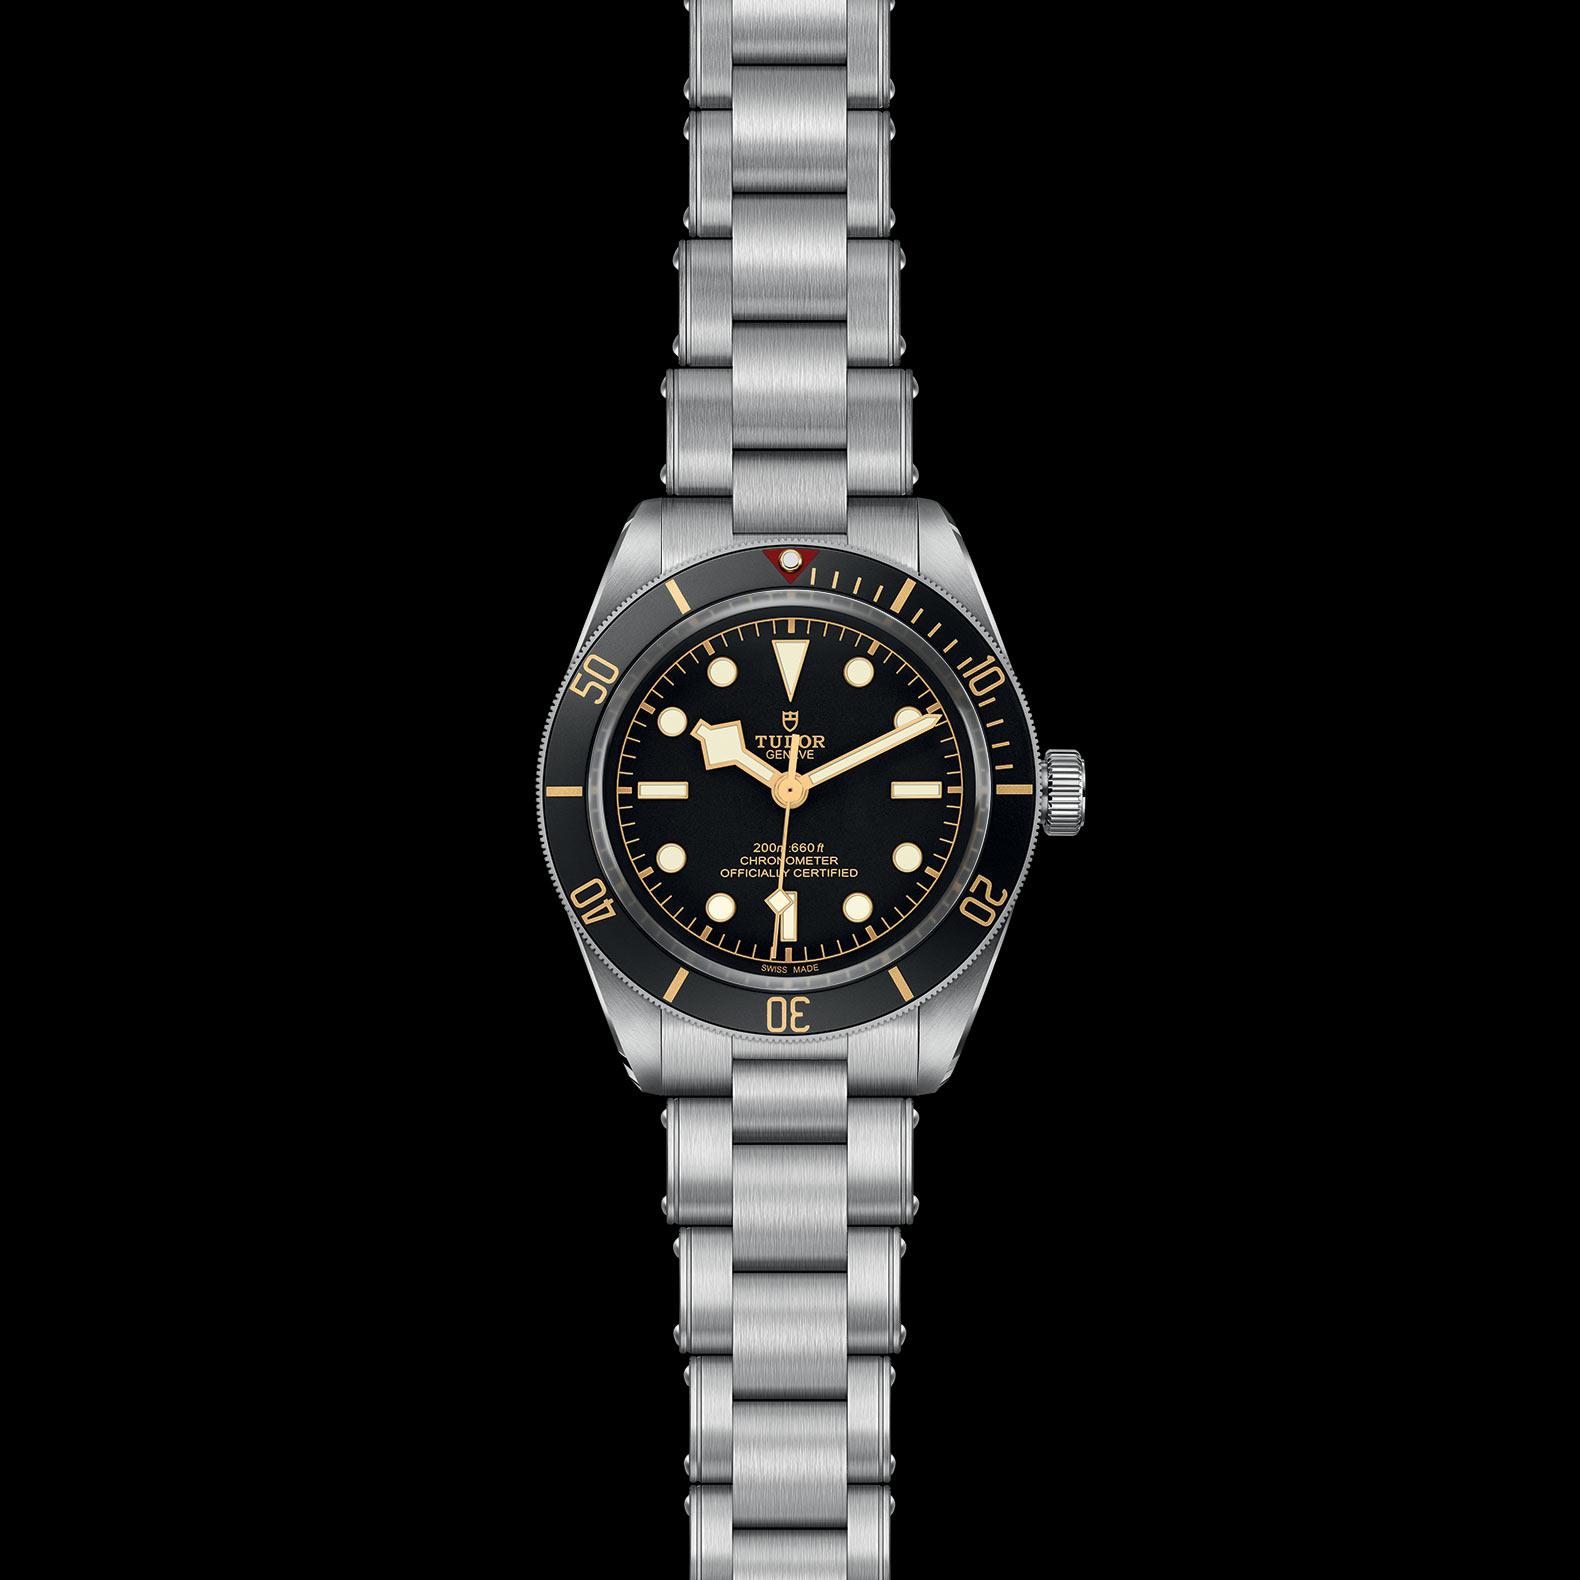 Reloj Tudor Black Bay Fifty-eight Automático en acero con esfera y bisel color negro.